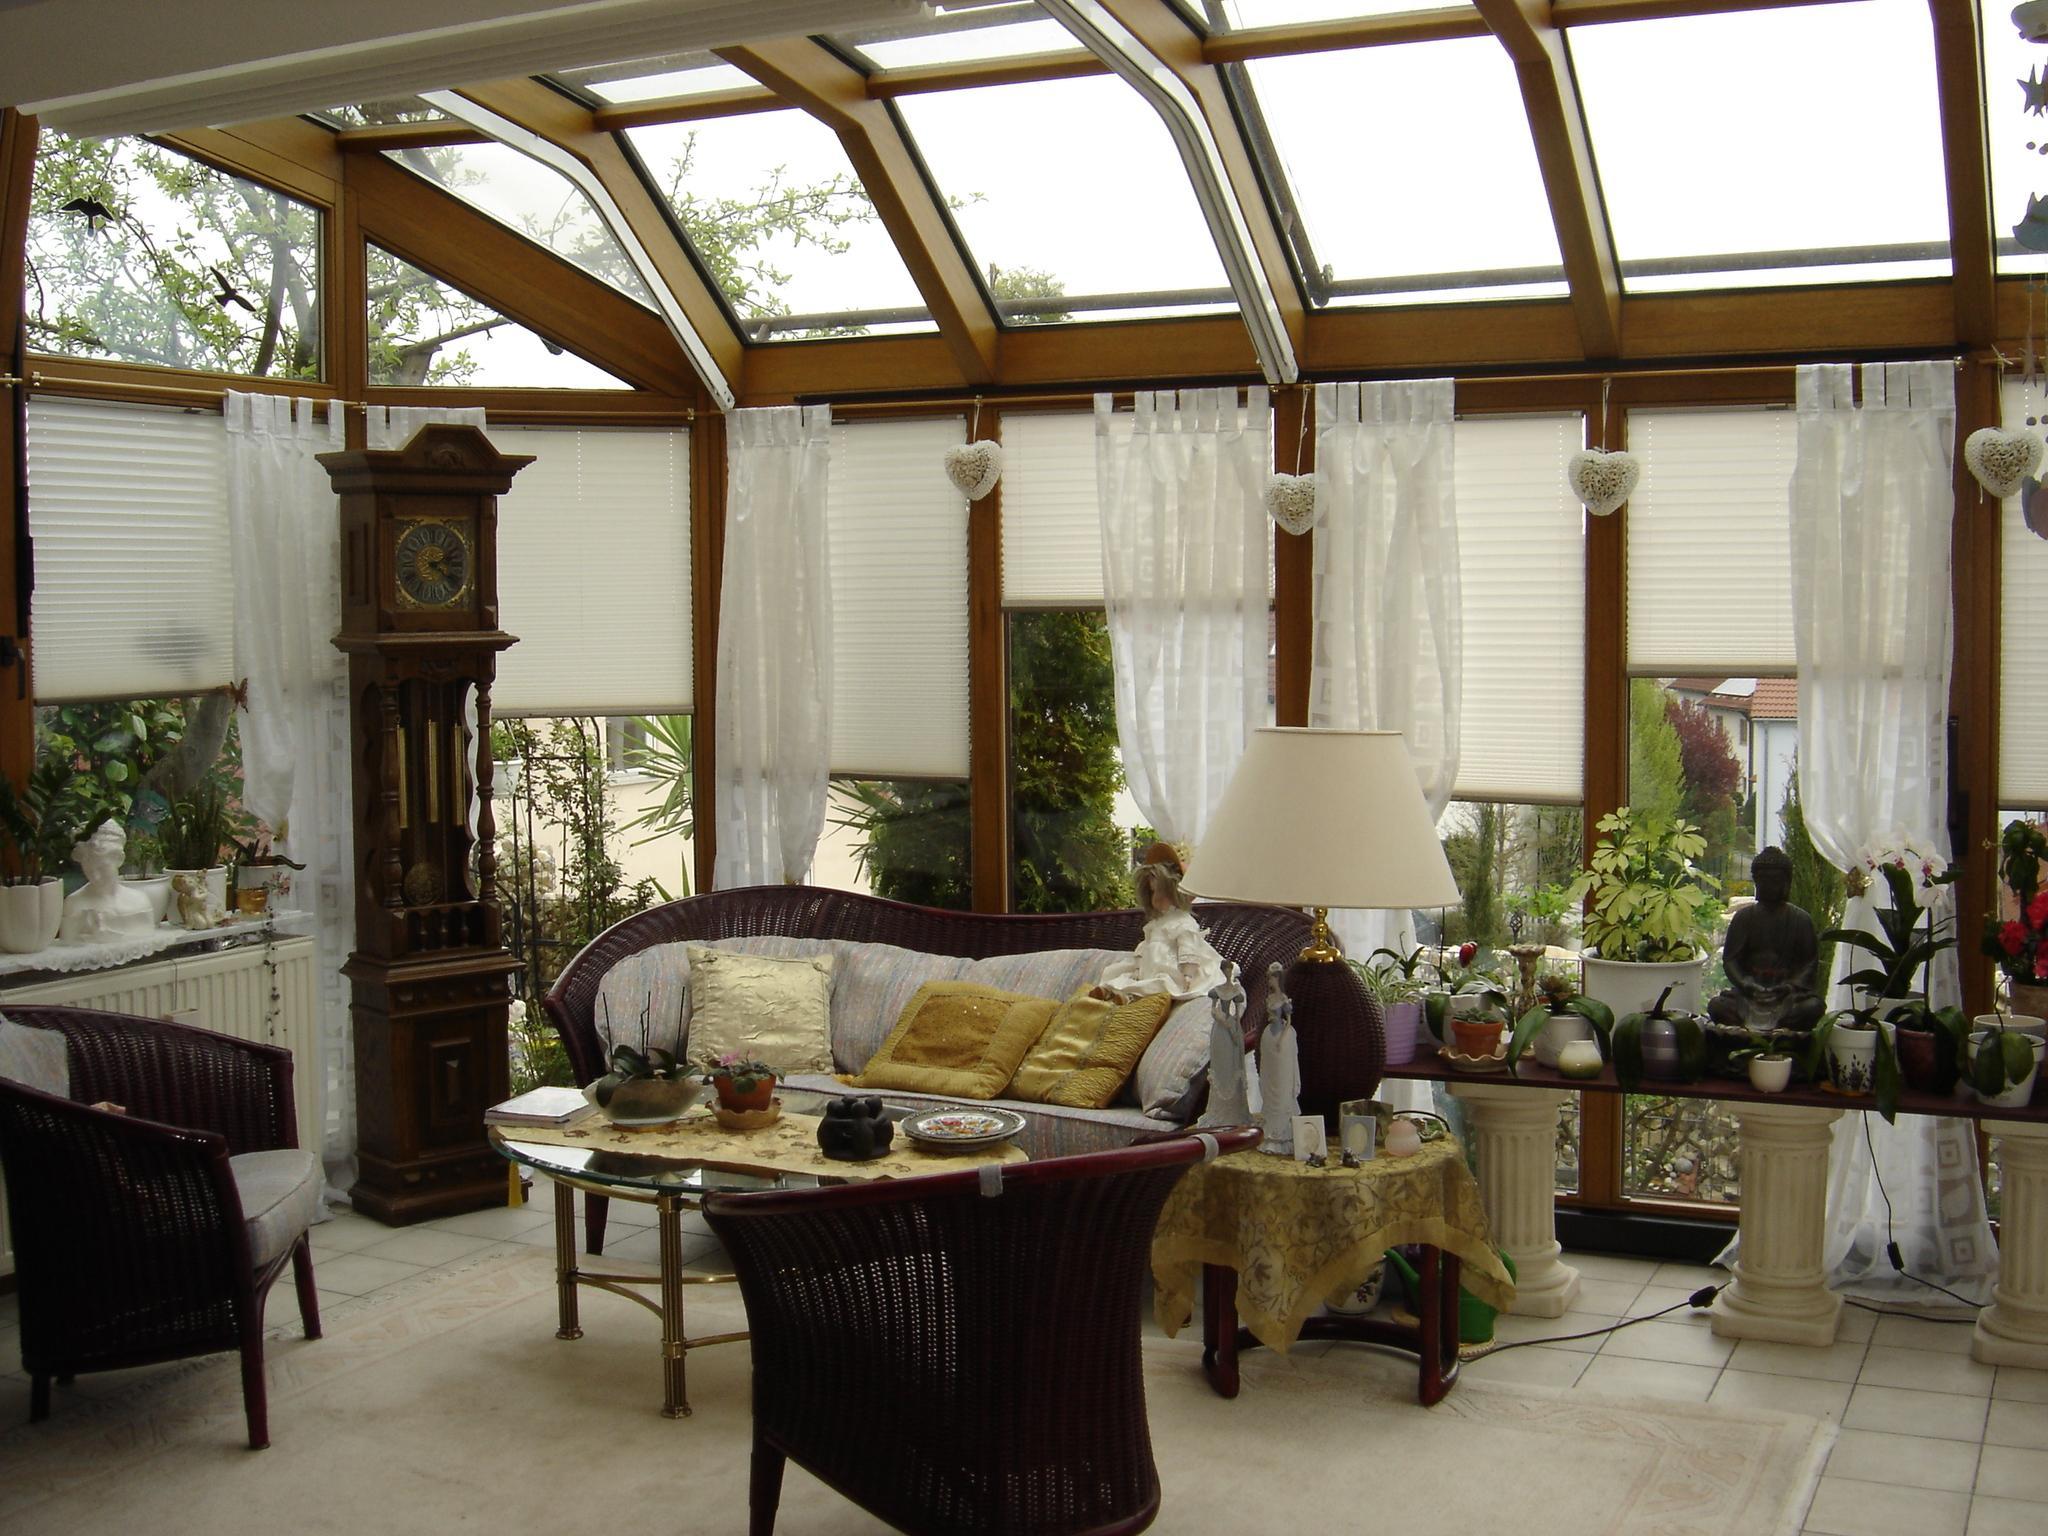 plissee sichtschutz amazing gnstige ideen plissee vorhnge ohne bohren und zufriedene von schne. Black Bedroom Furniture Sets. Home Design Ideas